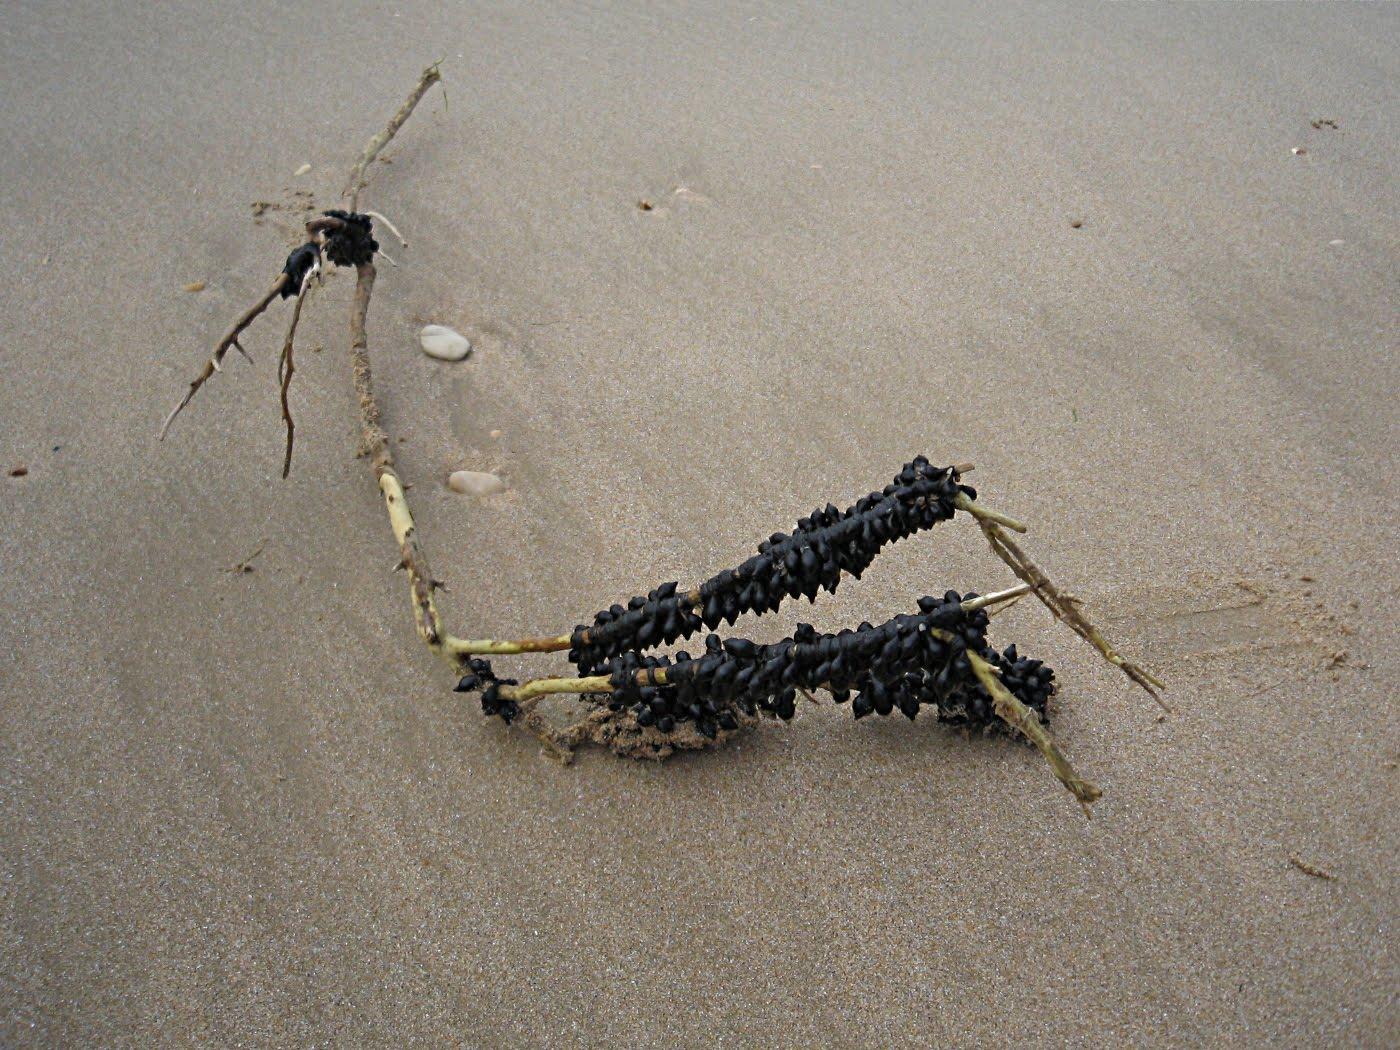 balades sur plages autour de l 39 ile de r sortie 6 rivedoux abbaye des ch teliers. Black Bedroom Furniture Sets. Home Design Ideas